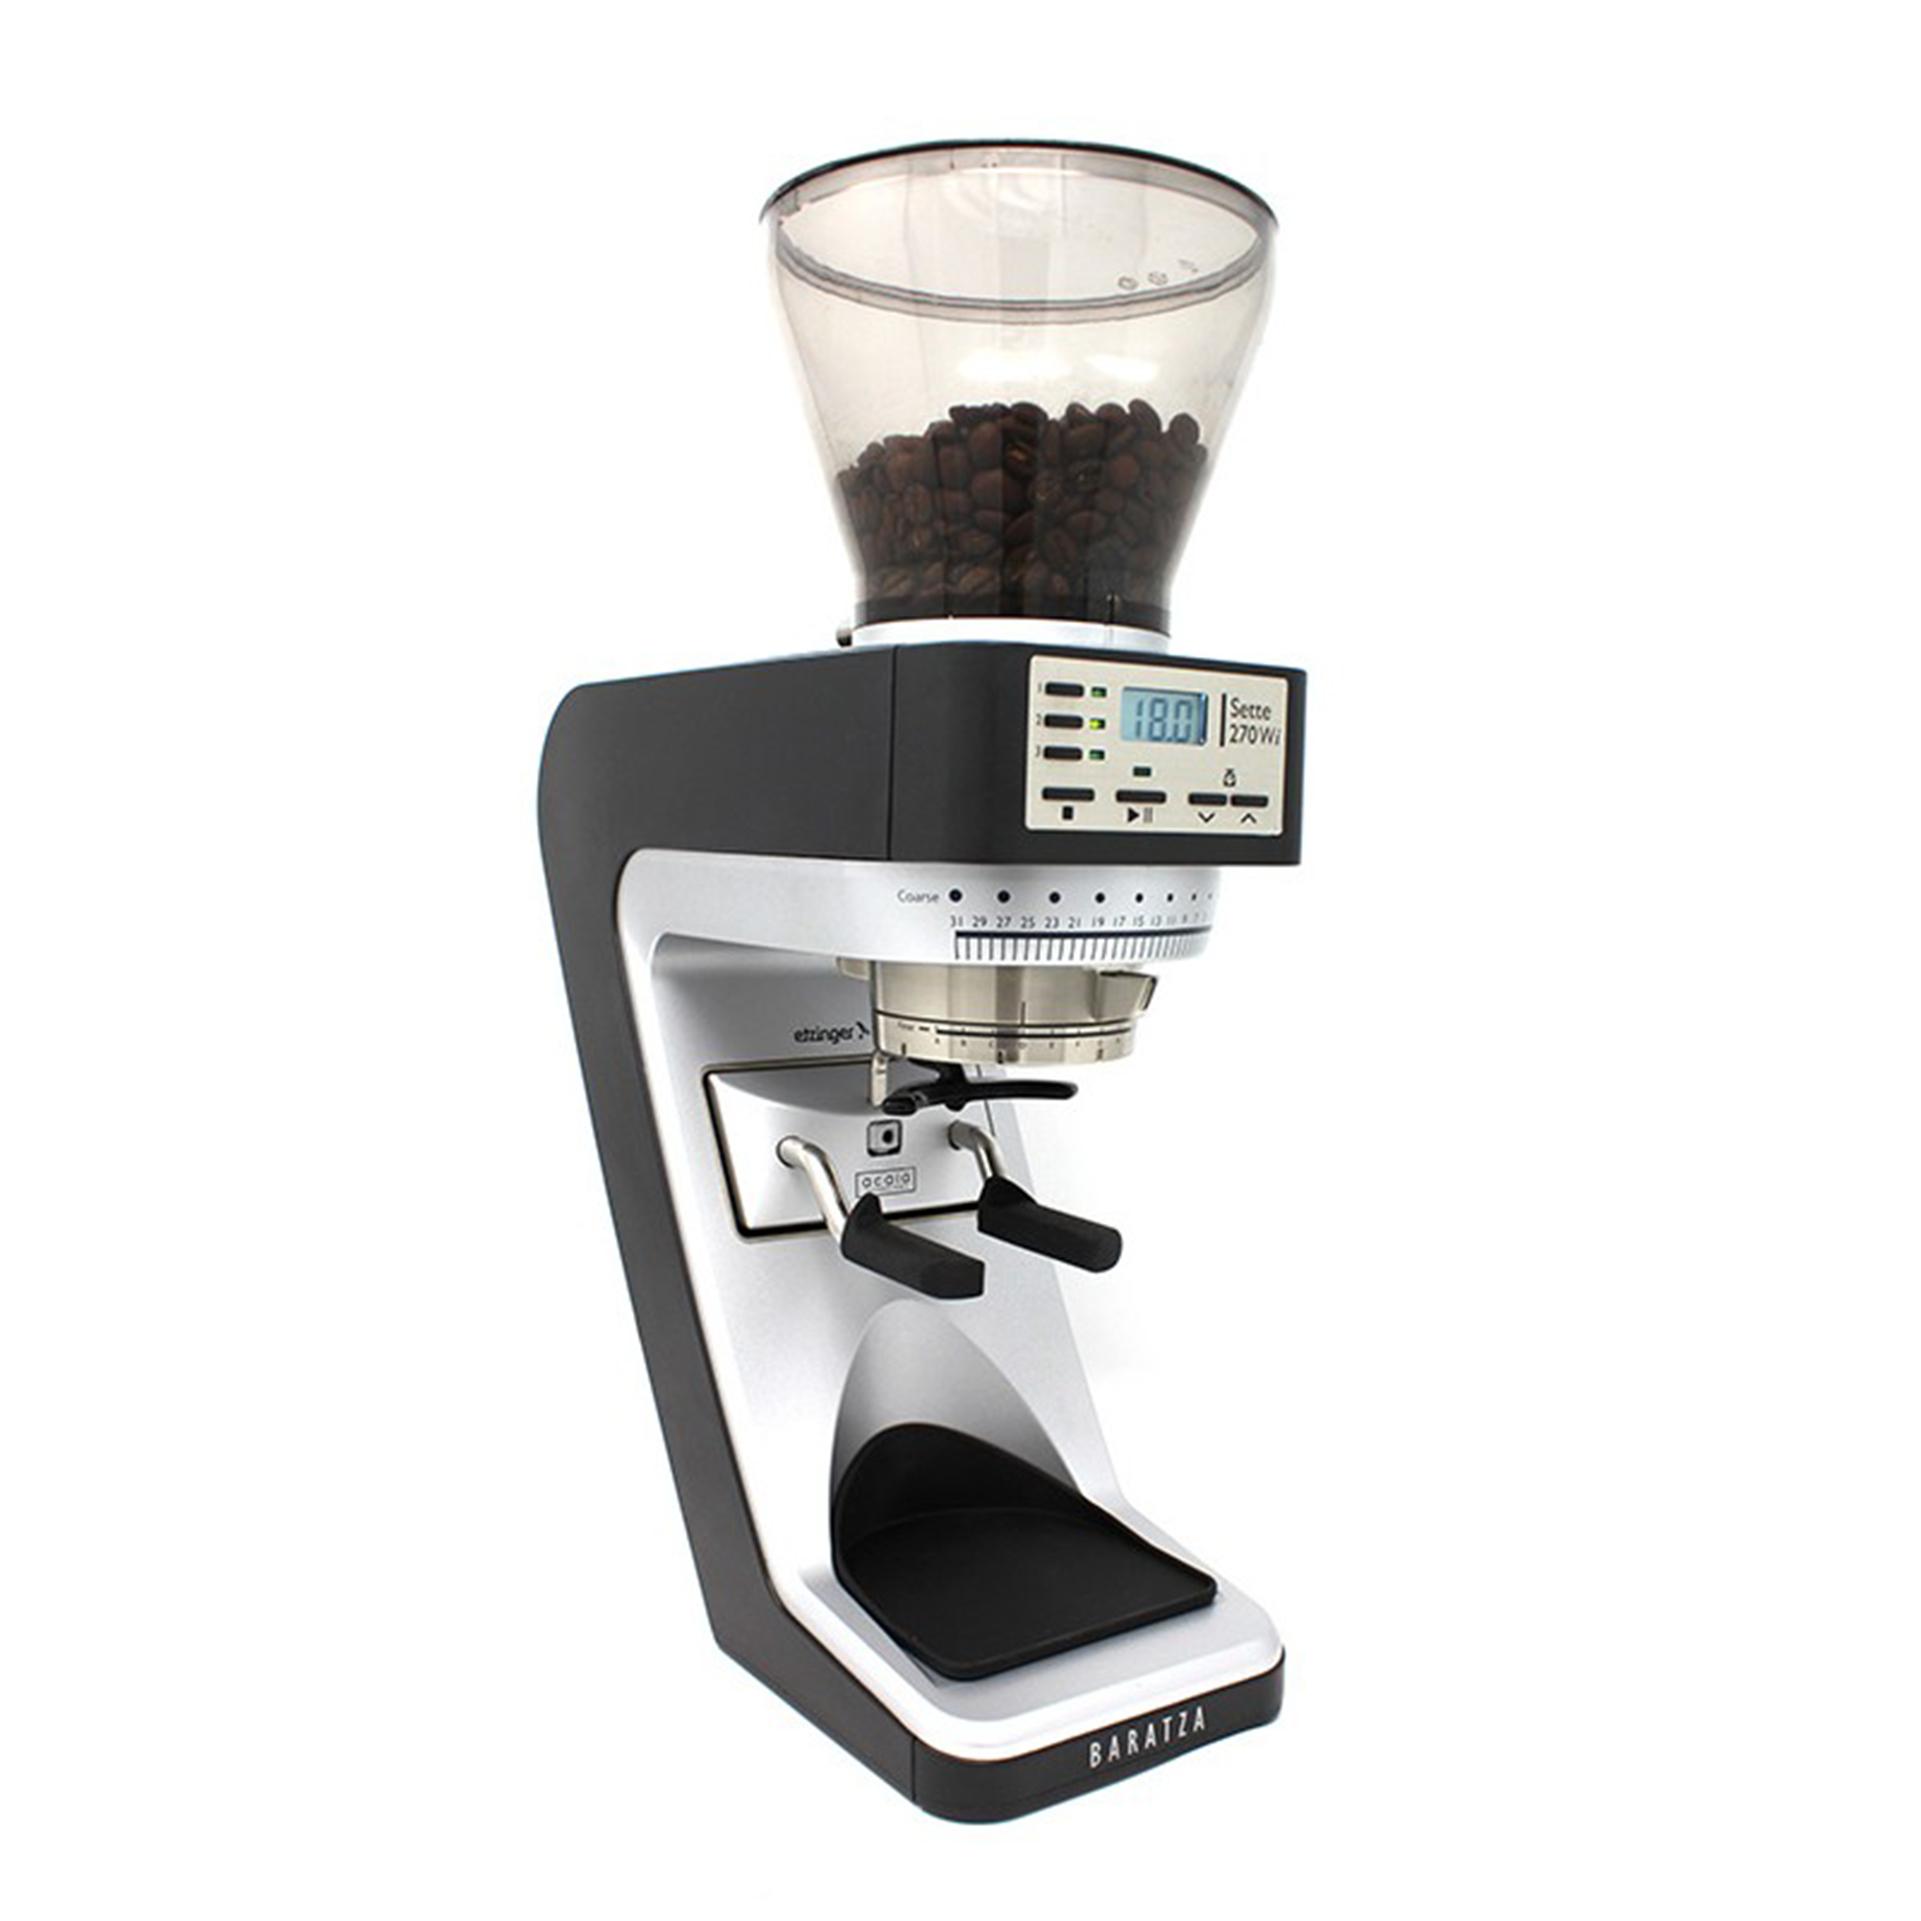 Kaffeemühle Baratza Sette 270 Wi